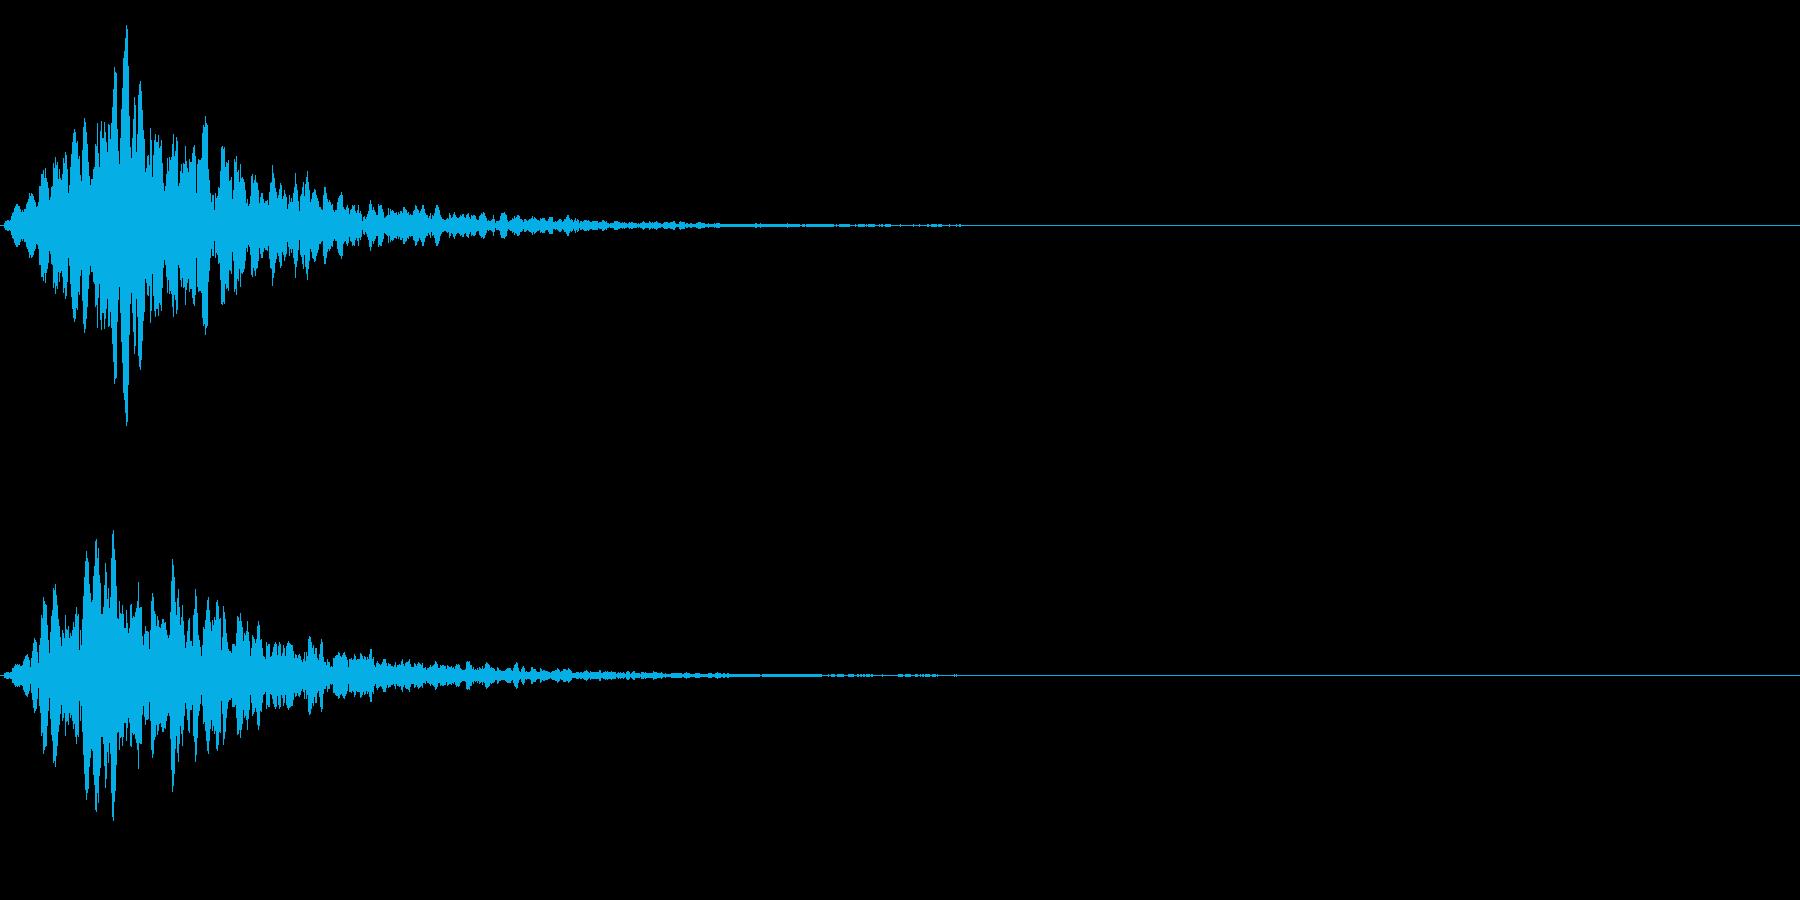 ゲームスタート、決定、ボタン音-076の再生済みの波形